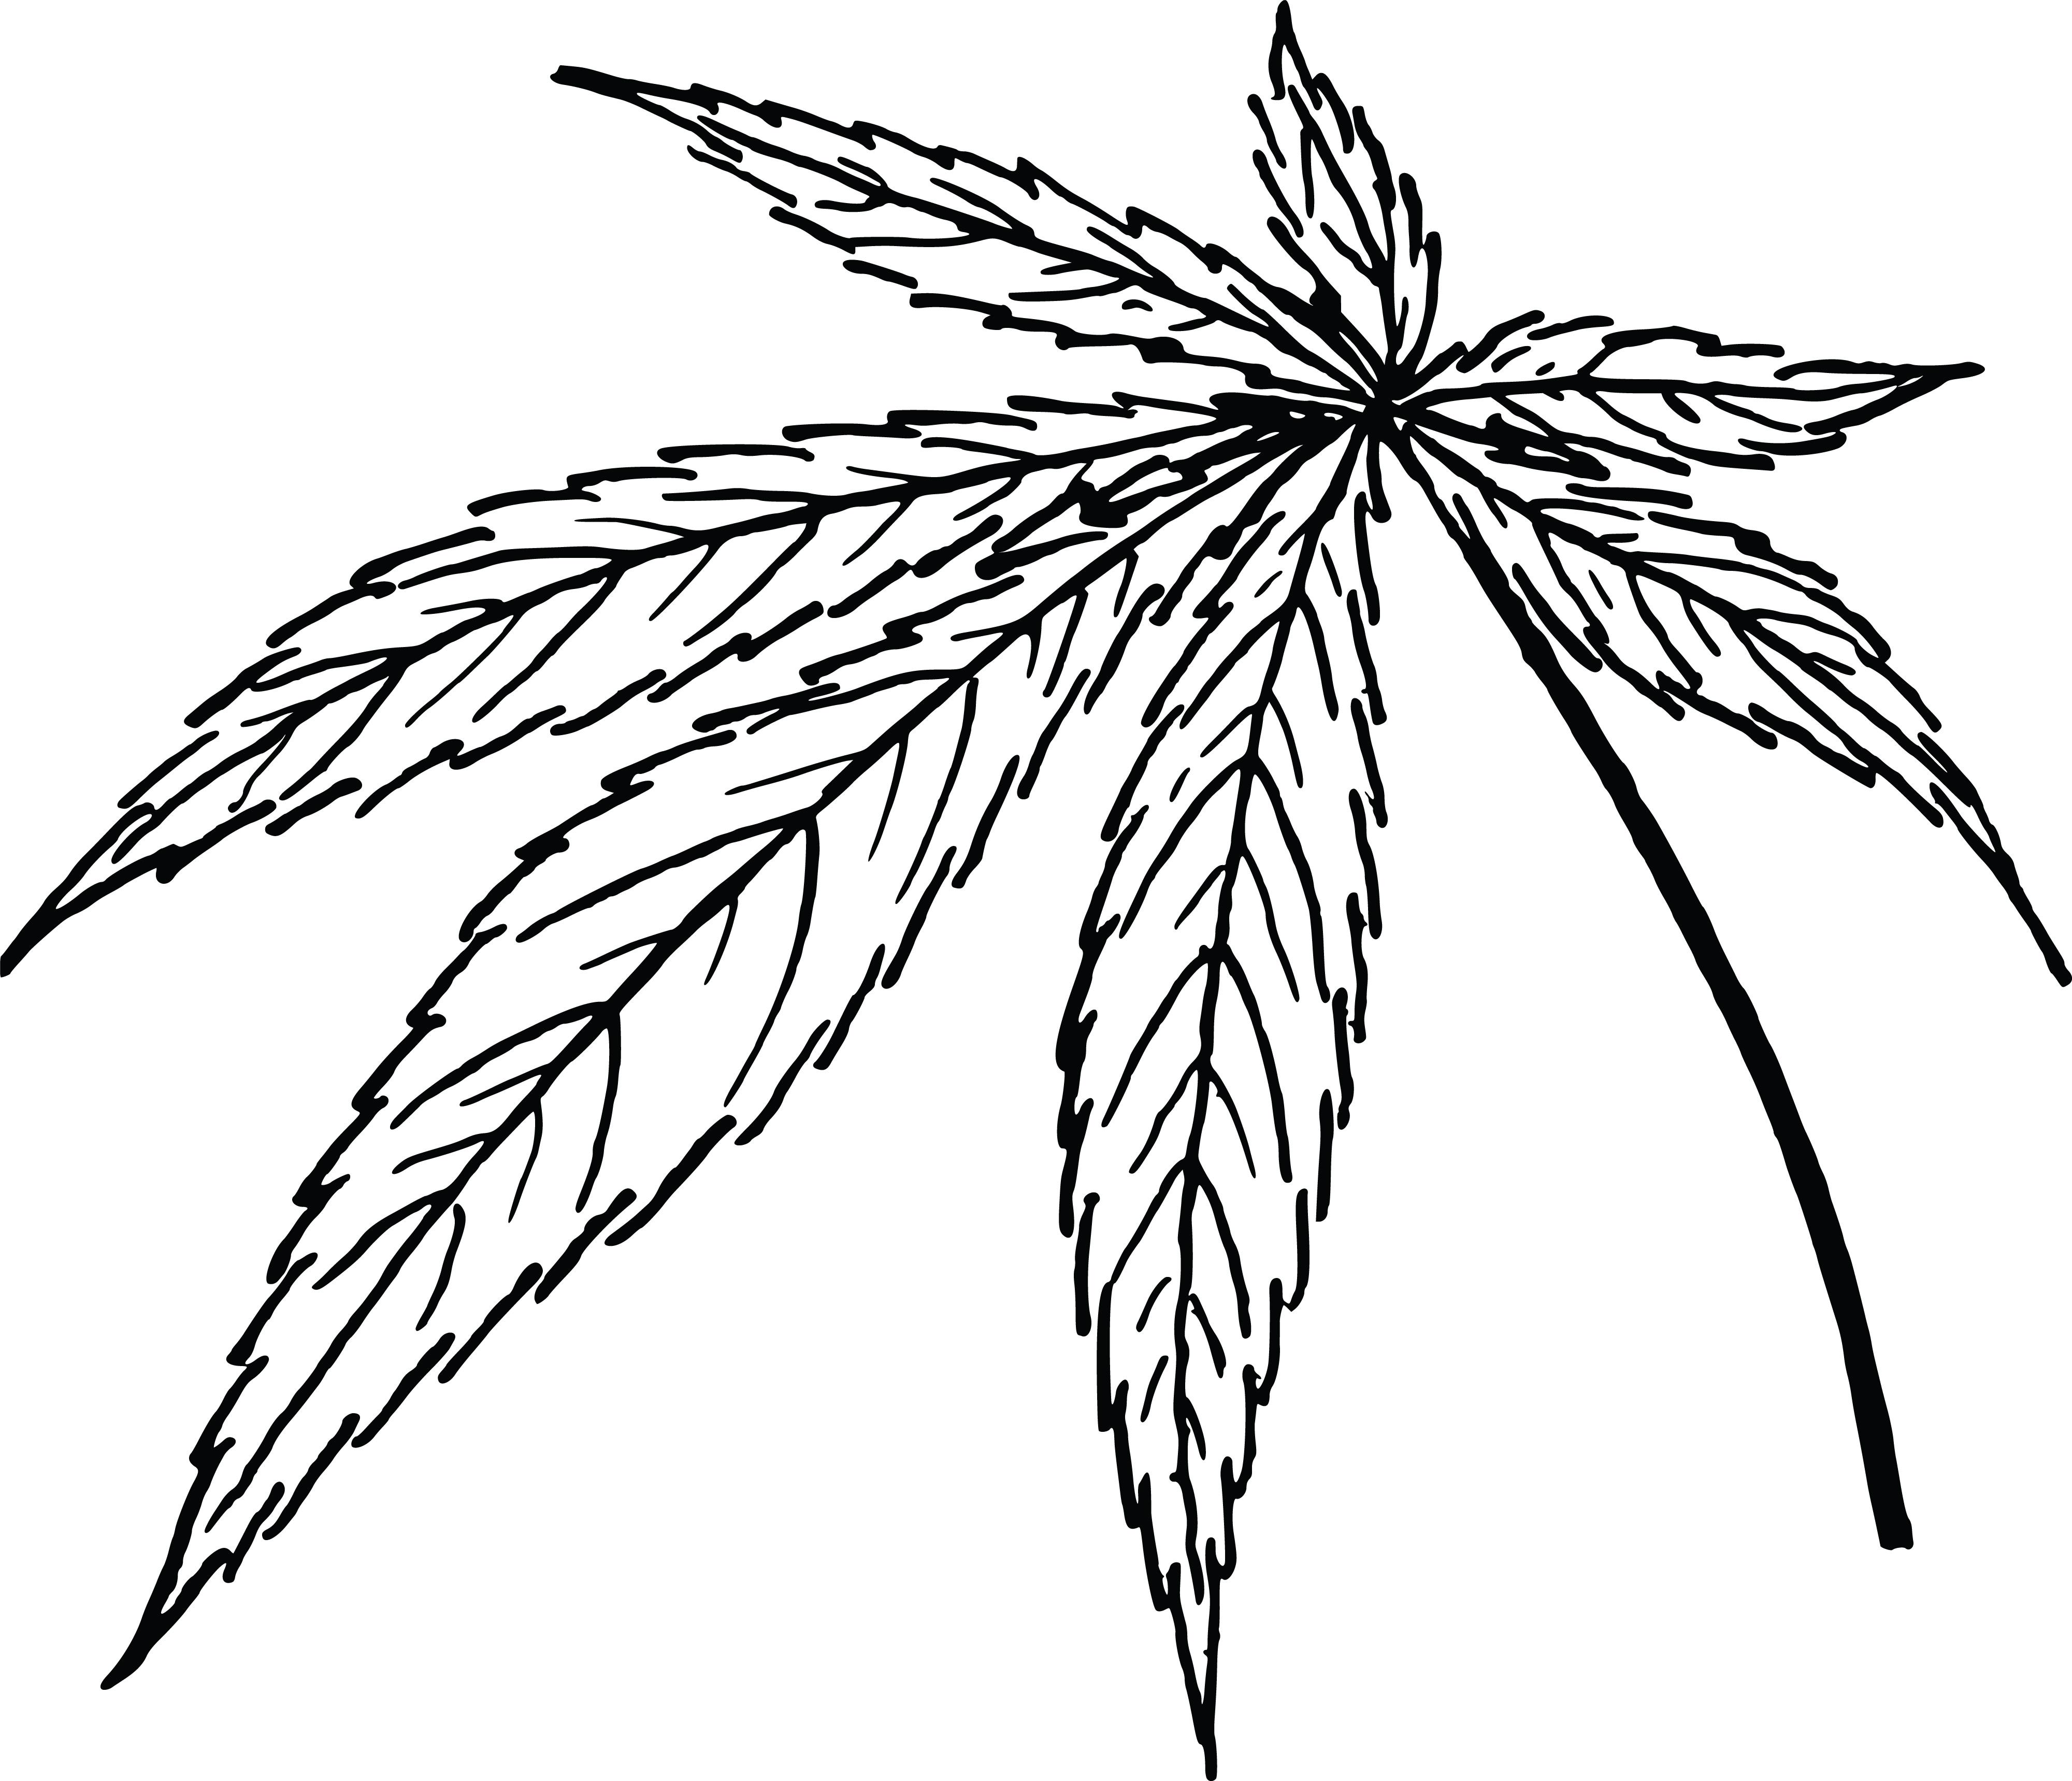 4000x3438 Clipart Of A Cannabis Leaf